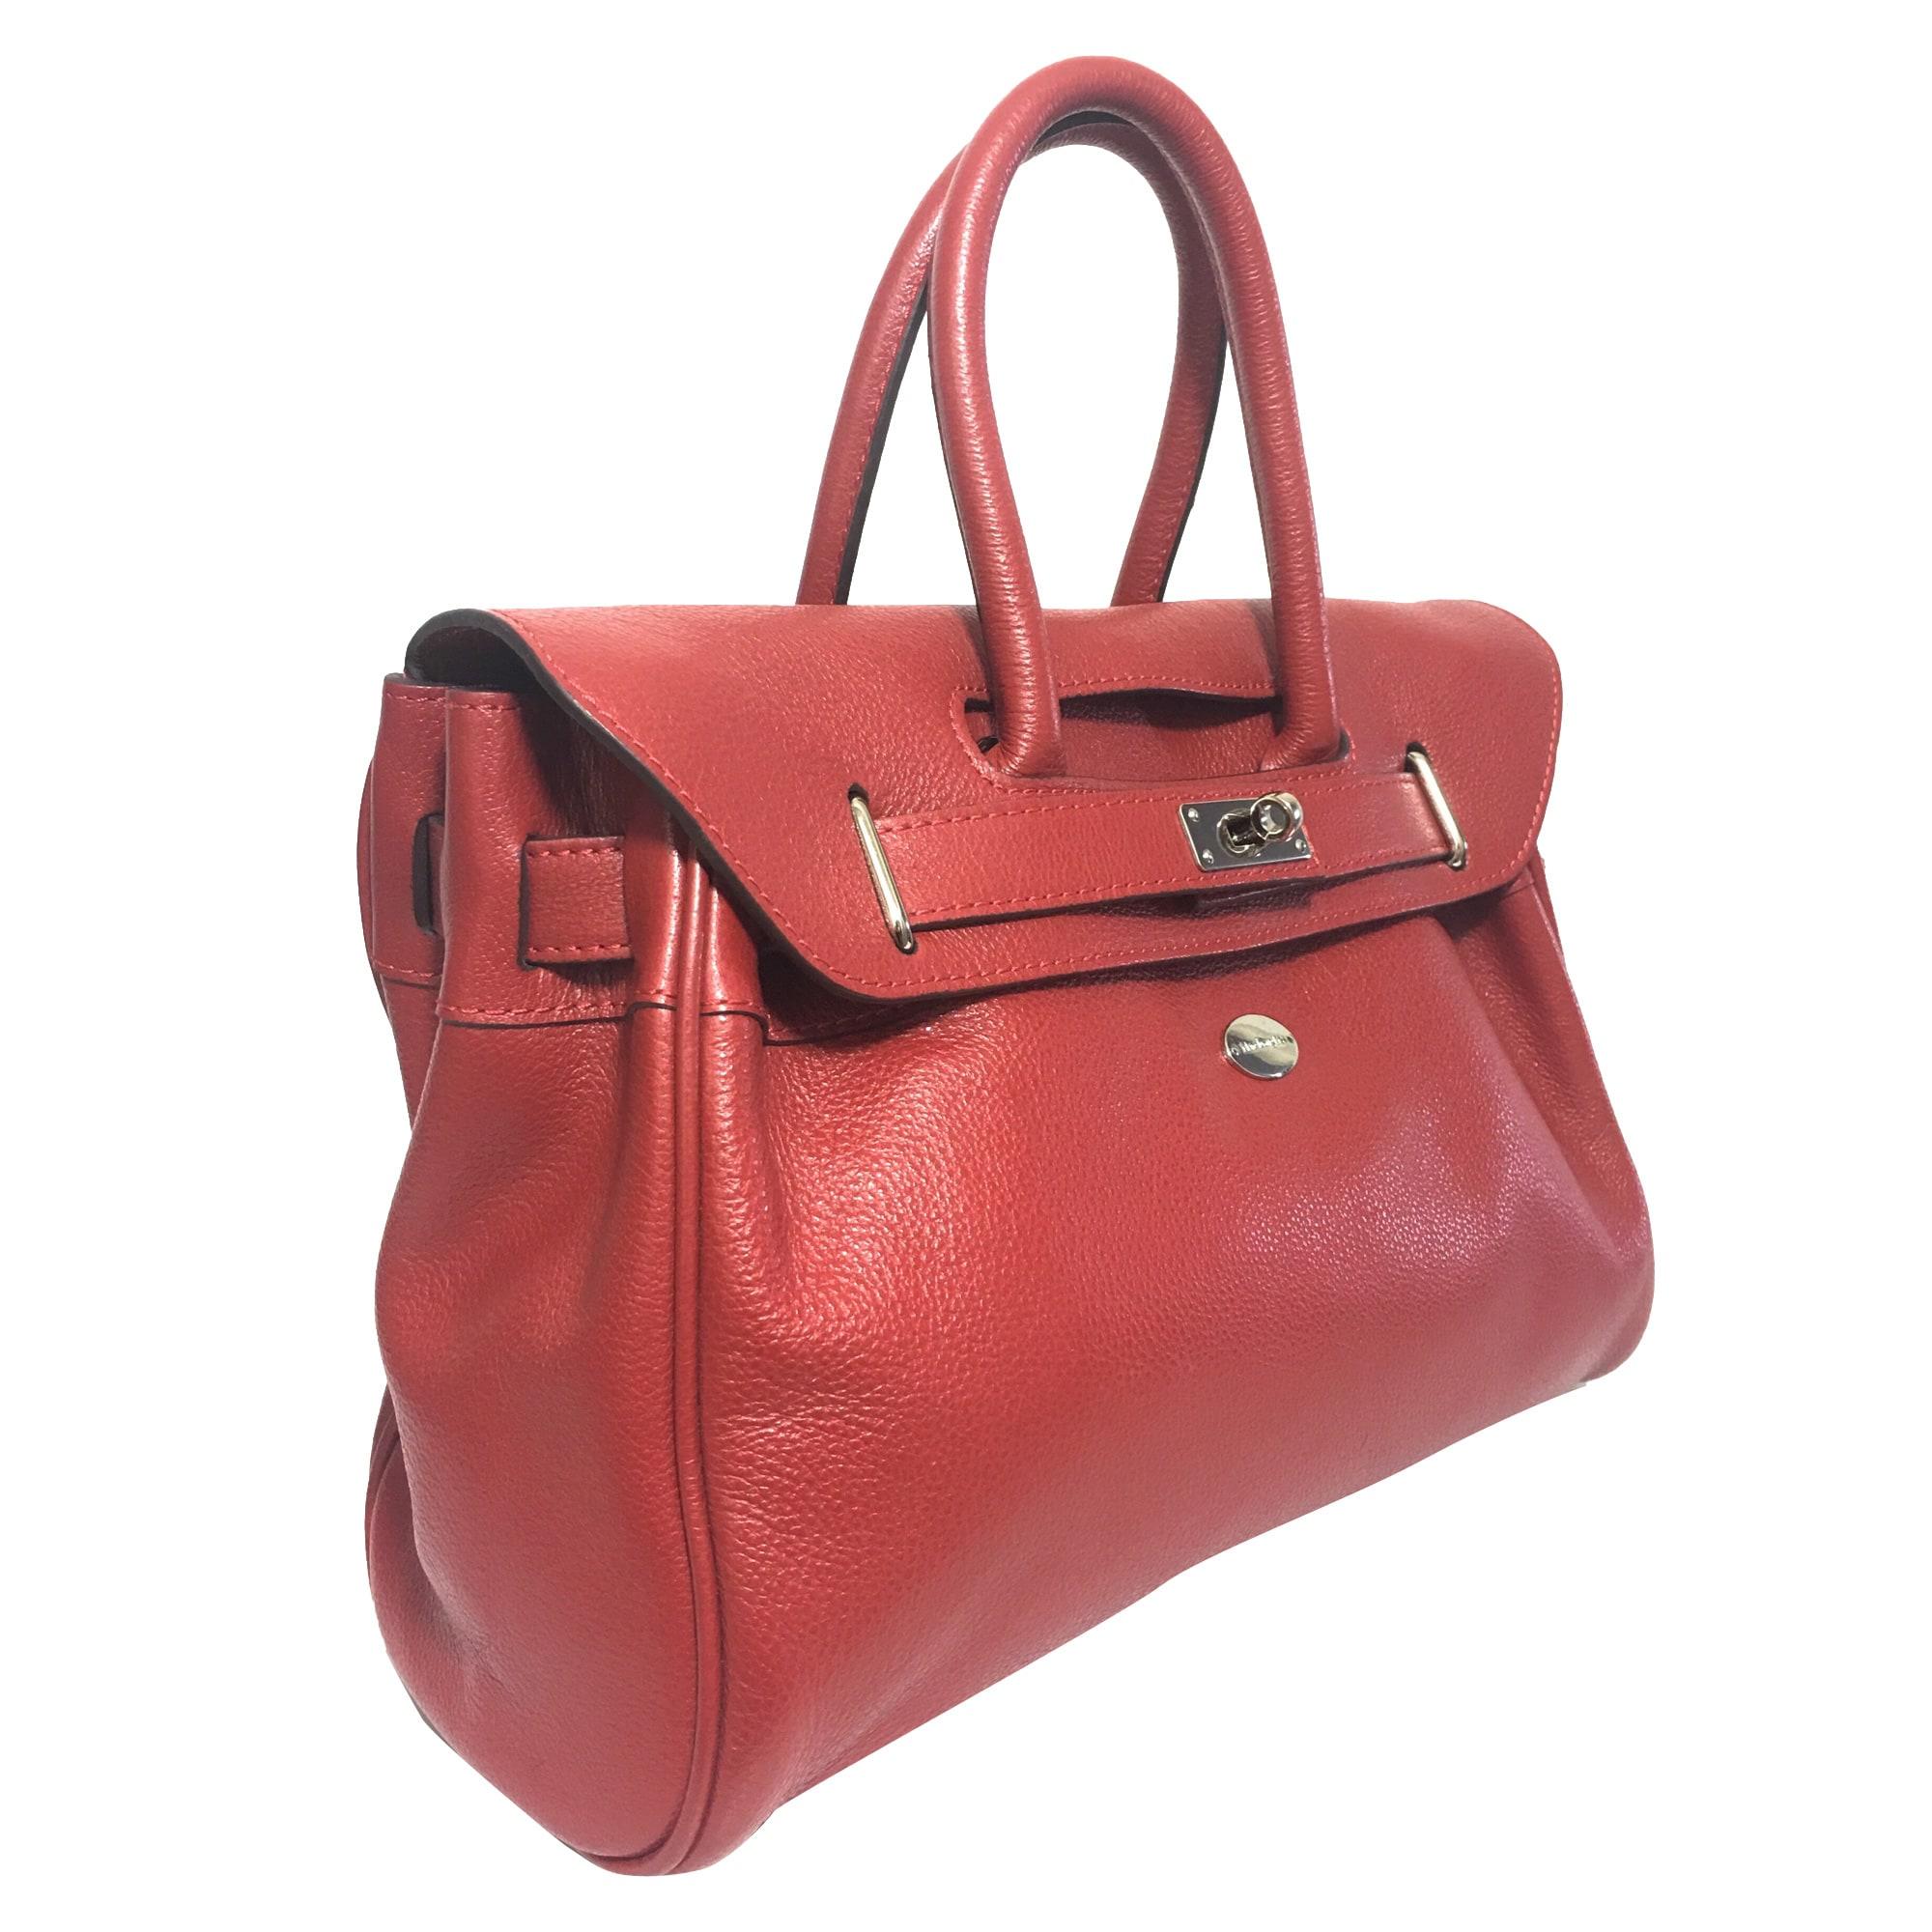 f8b4796545 Sac à main en cuir MAC DOUGLAS rouge vendu par Zara 82 - 7851676